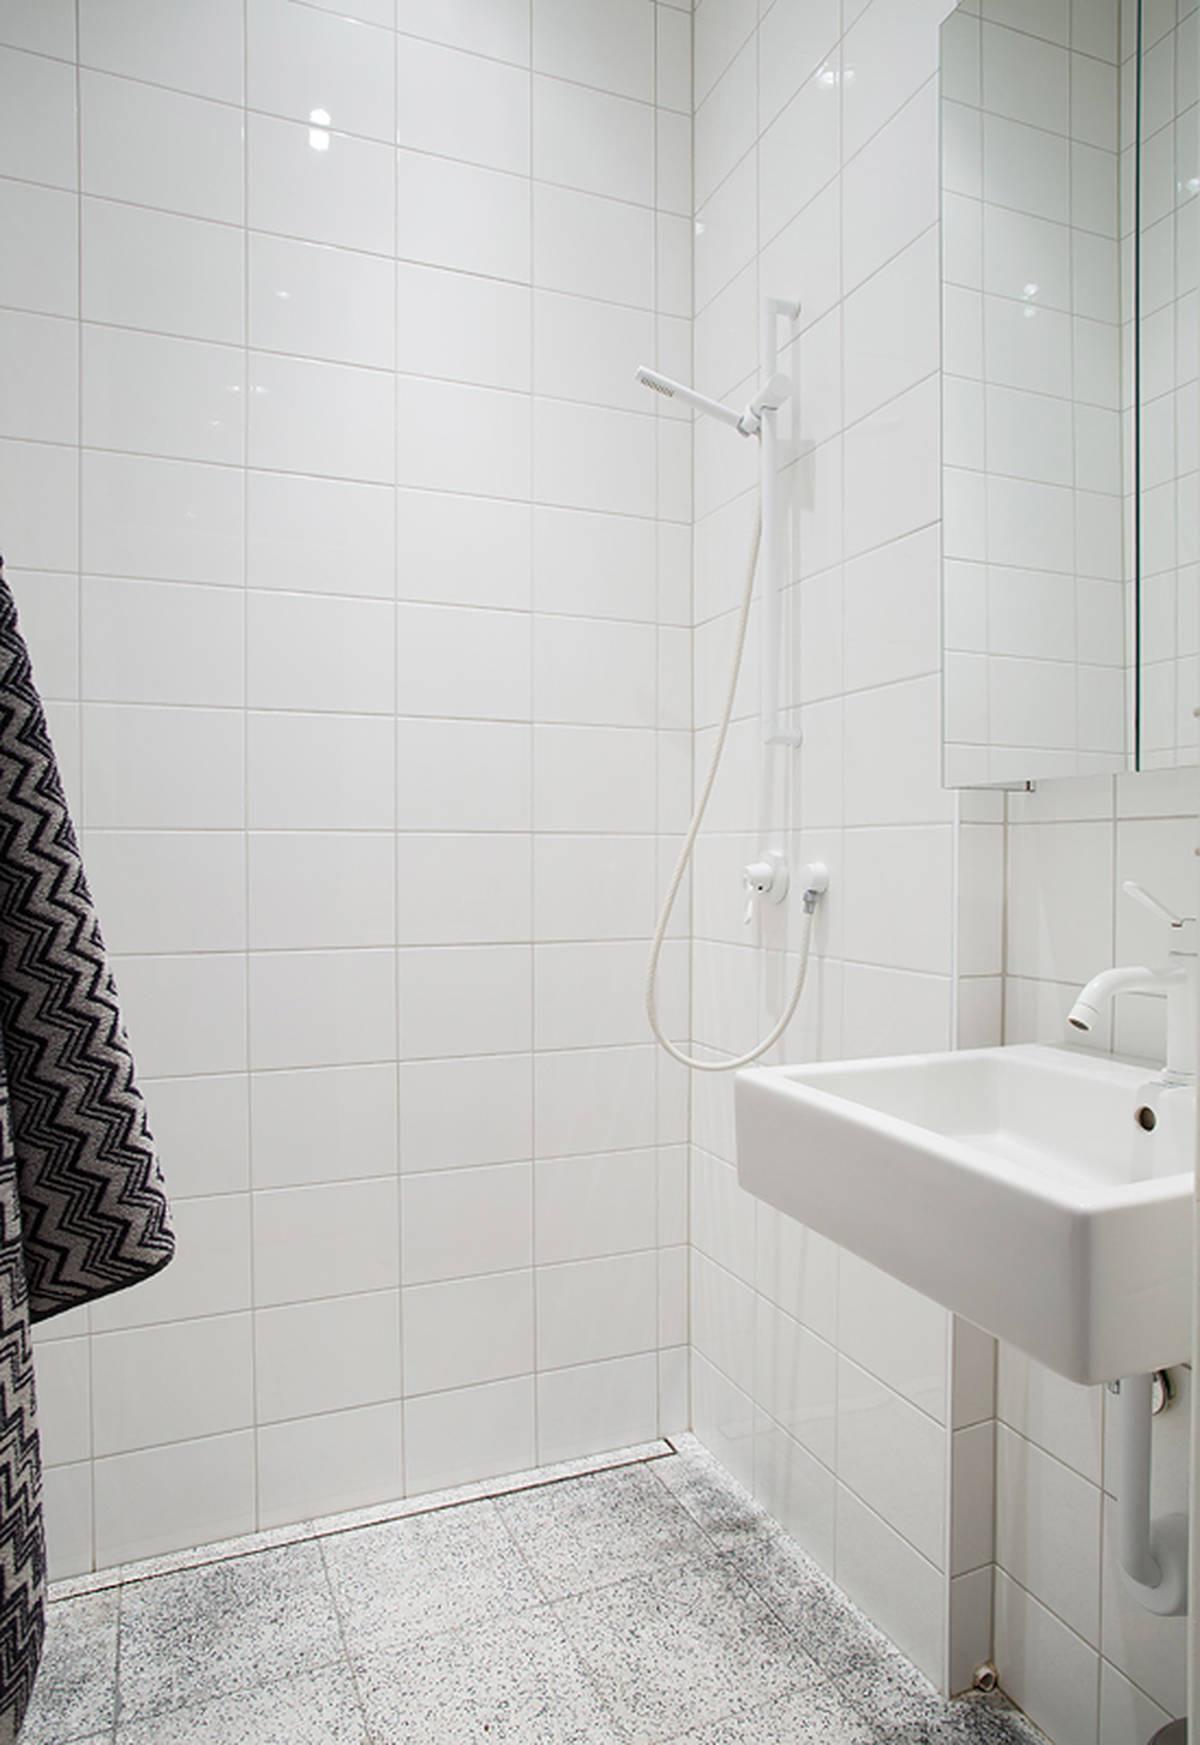 Fredagsboendet: lägenhet lyft av proffsen   byggahus.se